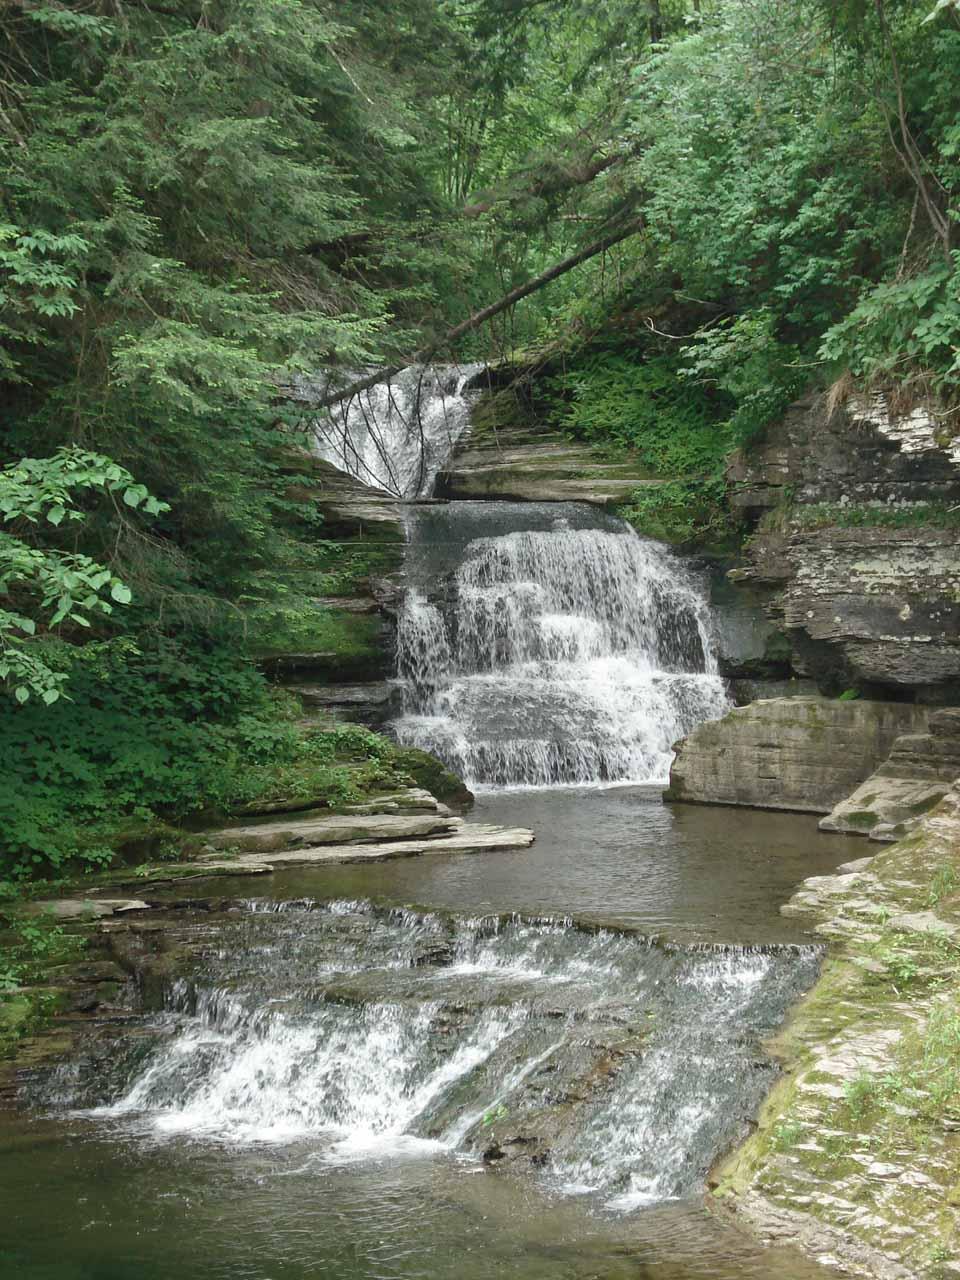 Triple cascades in the scenic Enfield Glen